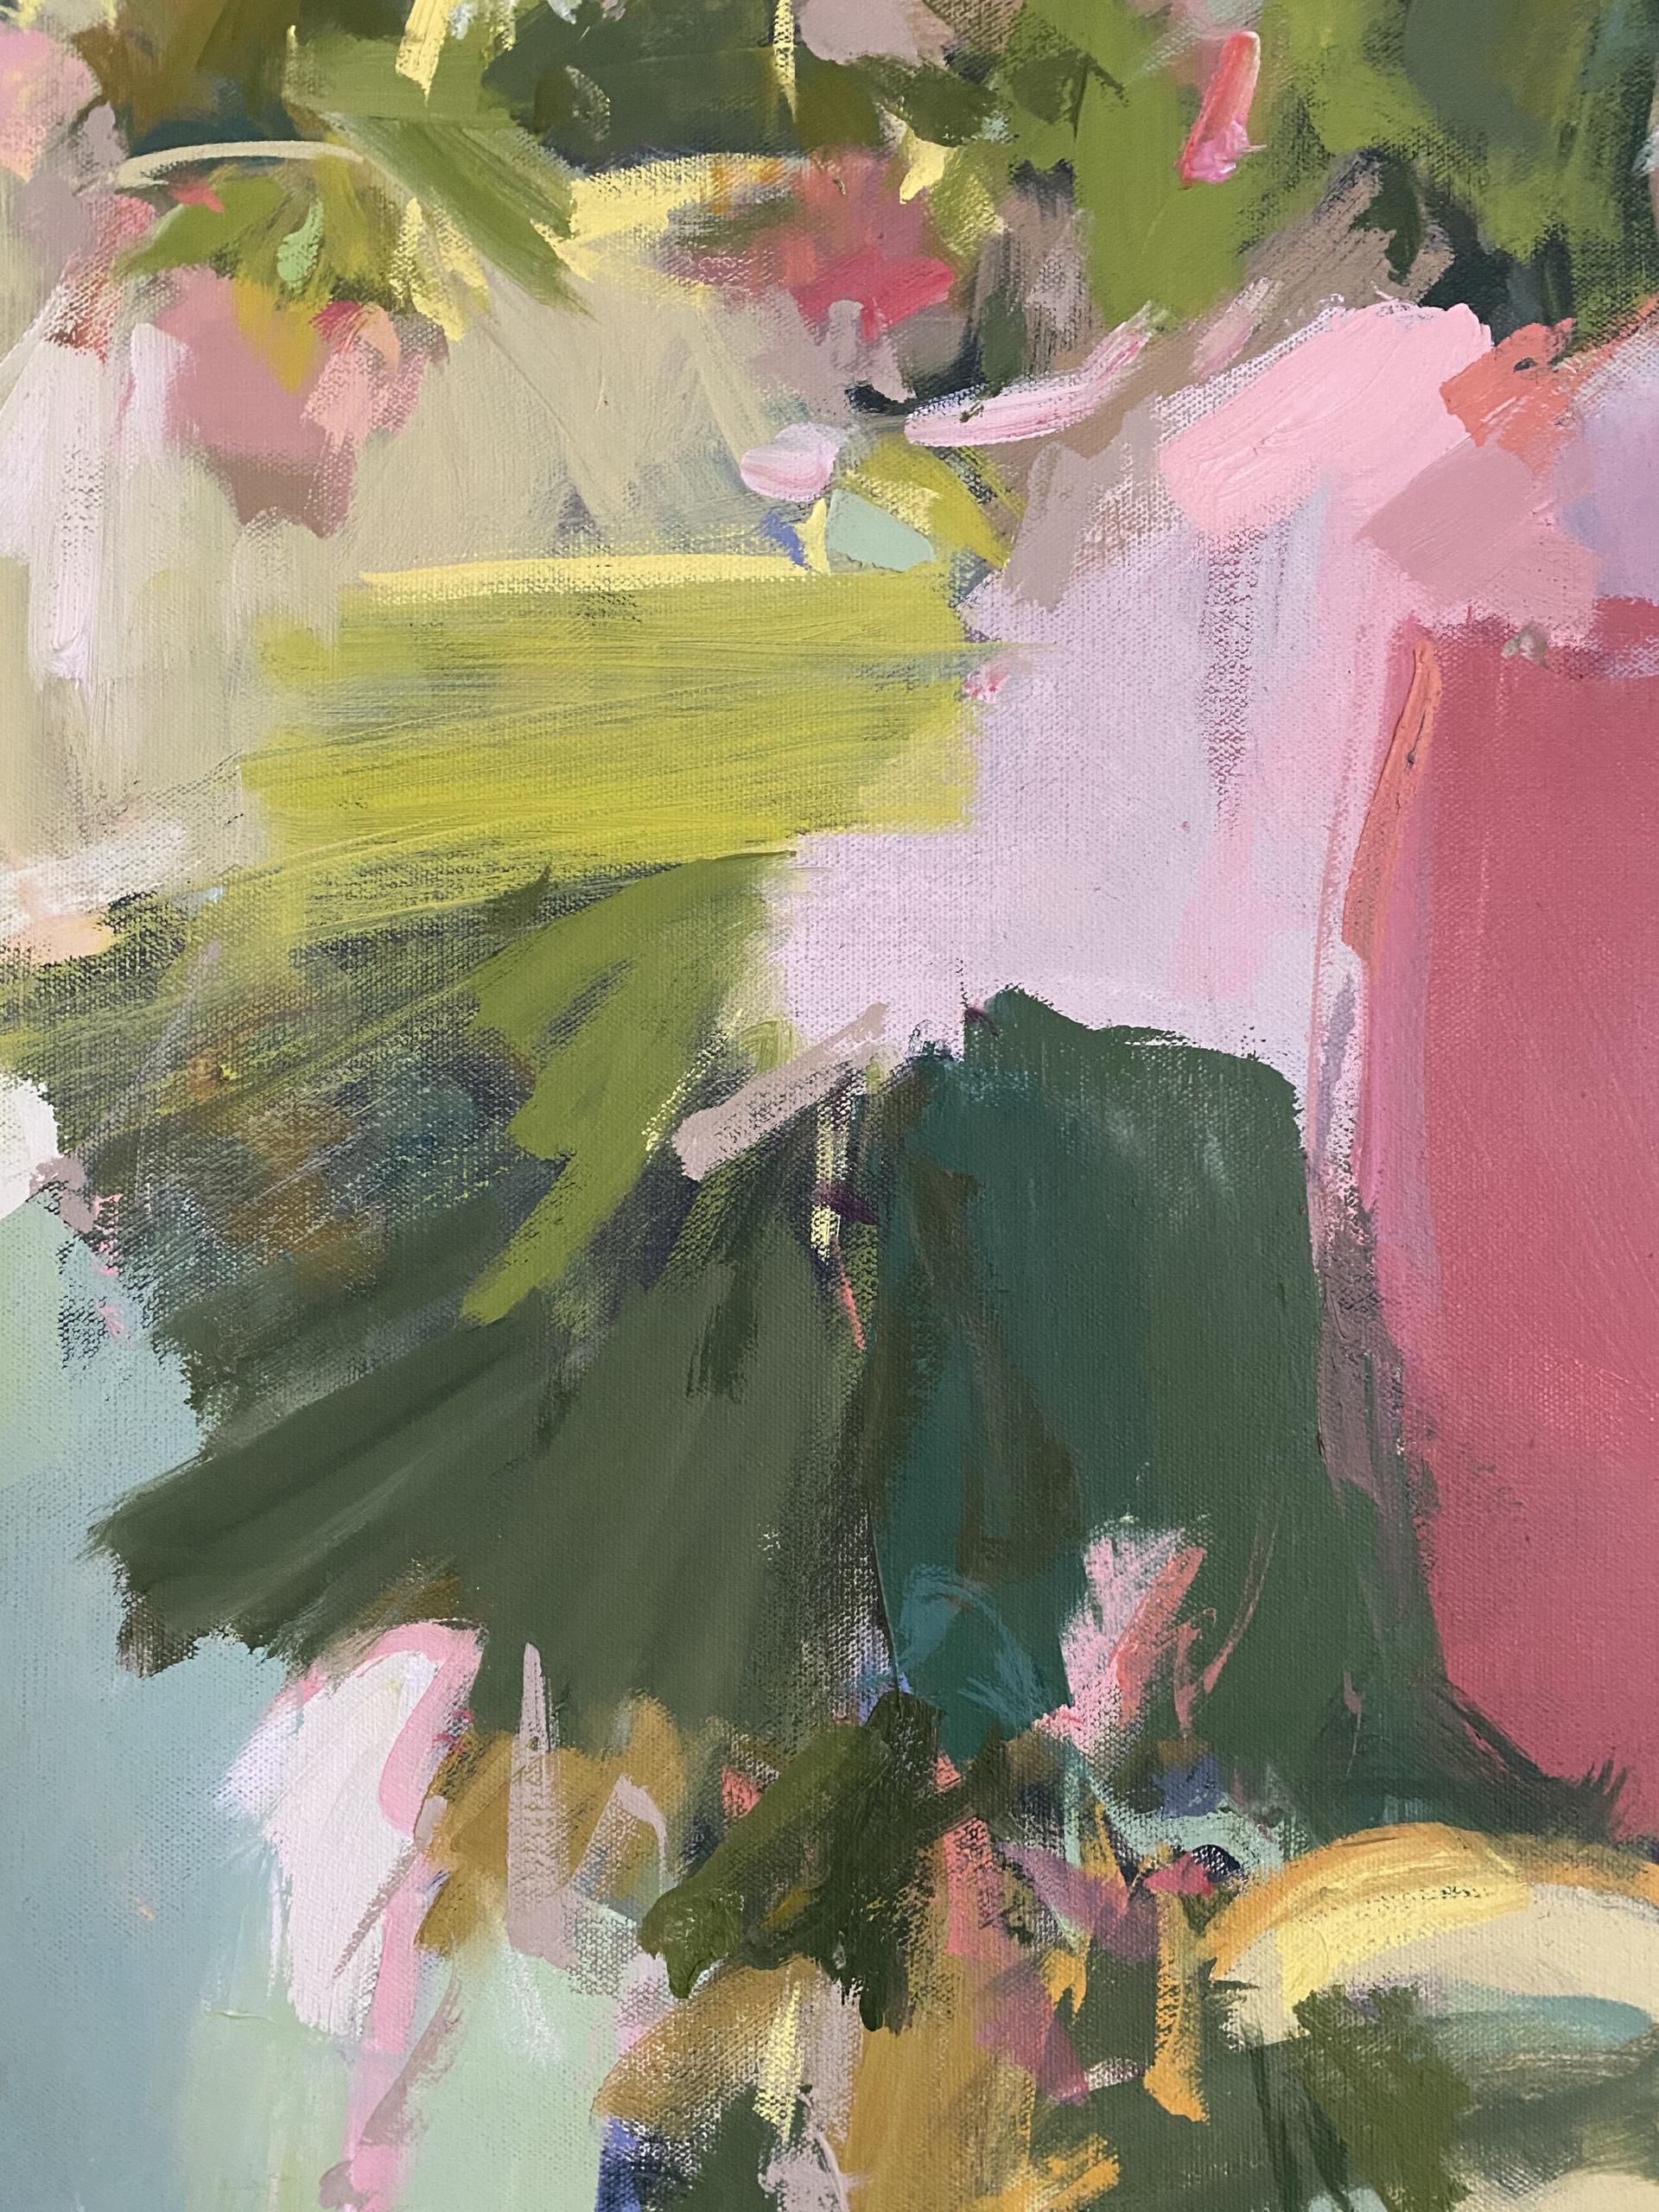 Outburst by Marissa Vogl